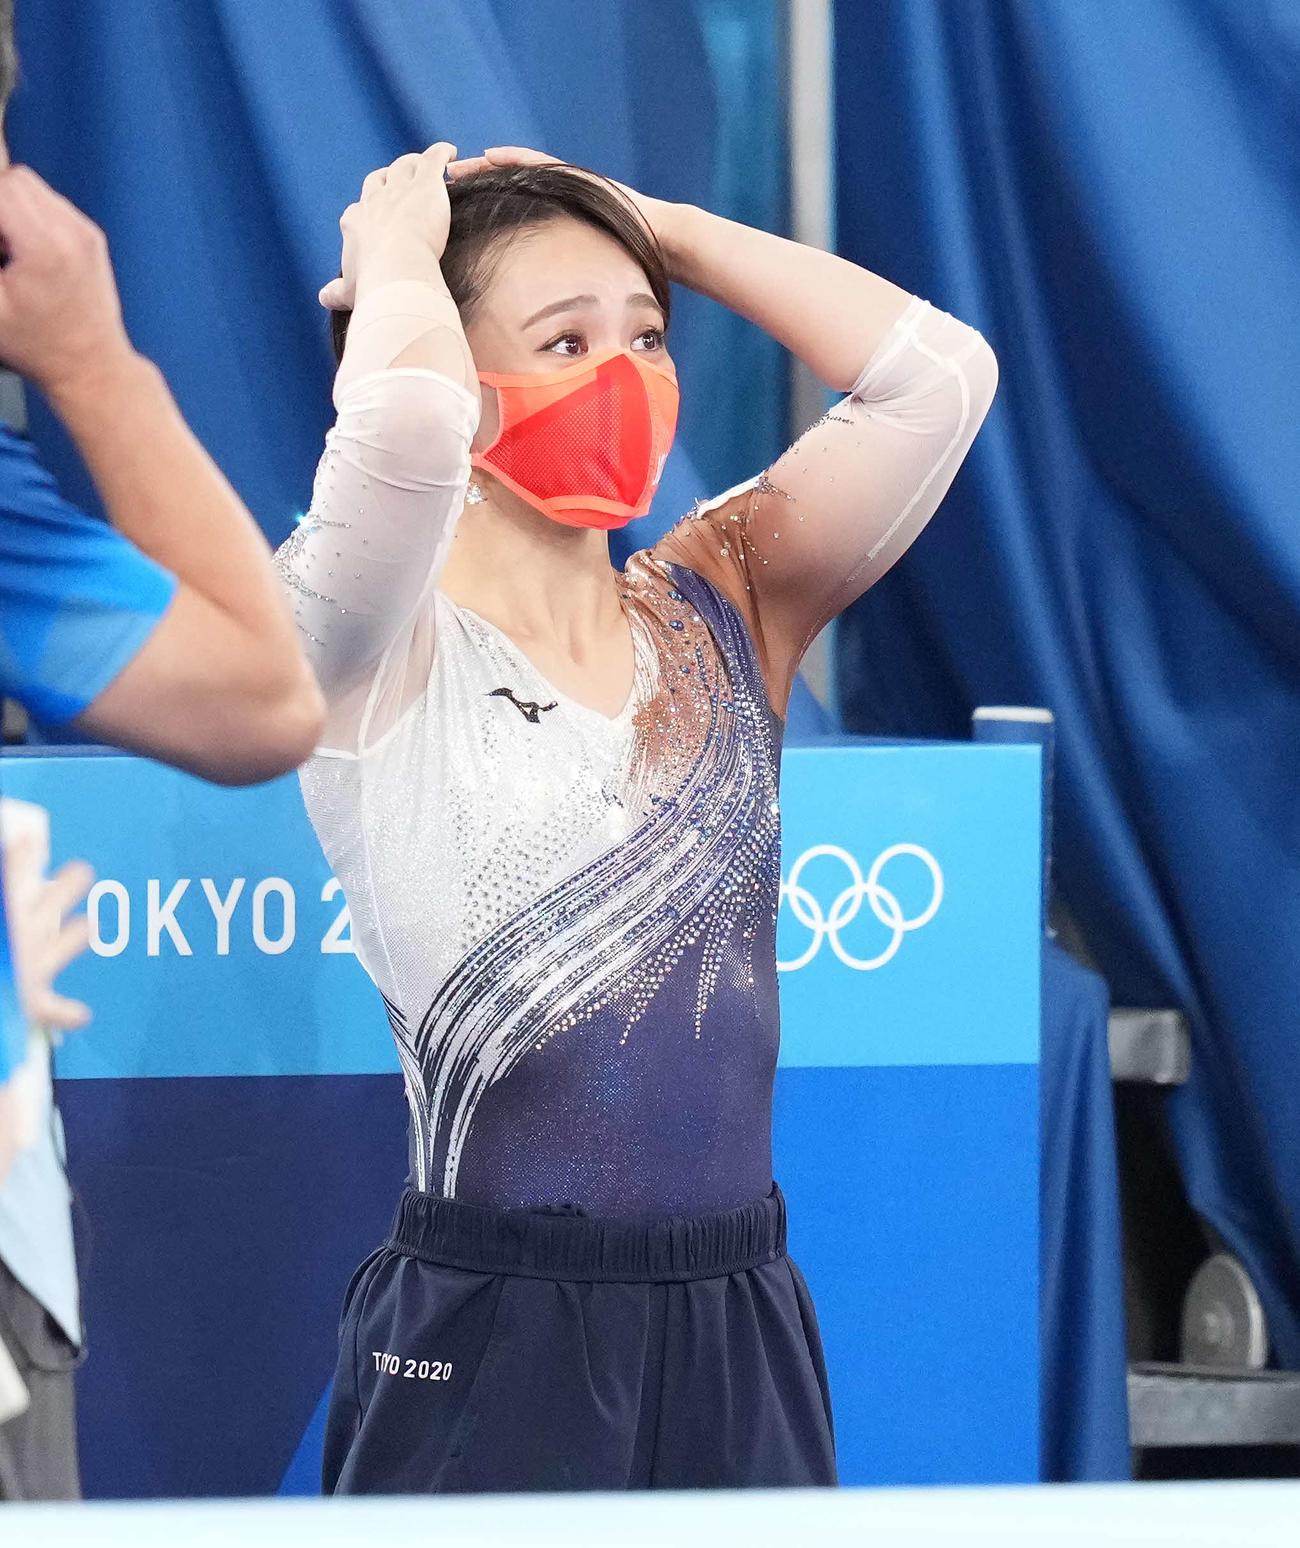 体操女子種目別床運動決勝 最終順位を確認し、銅メダルの村上は感極まる(撮影・鈴木みどり)